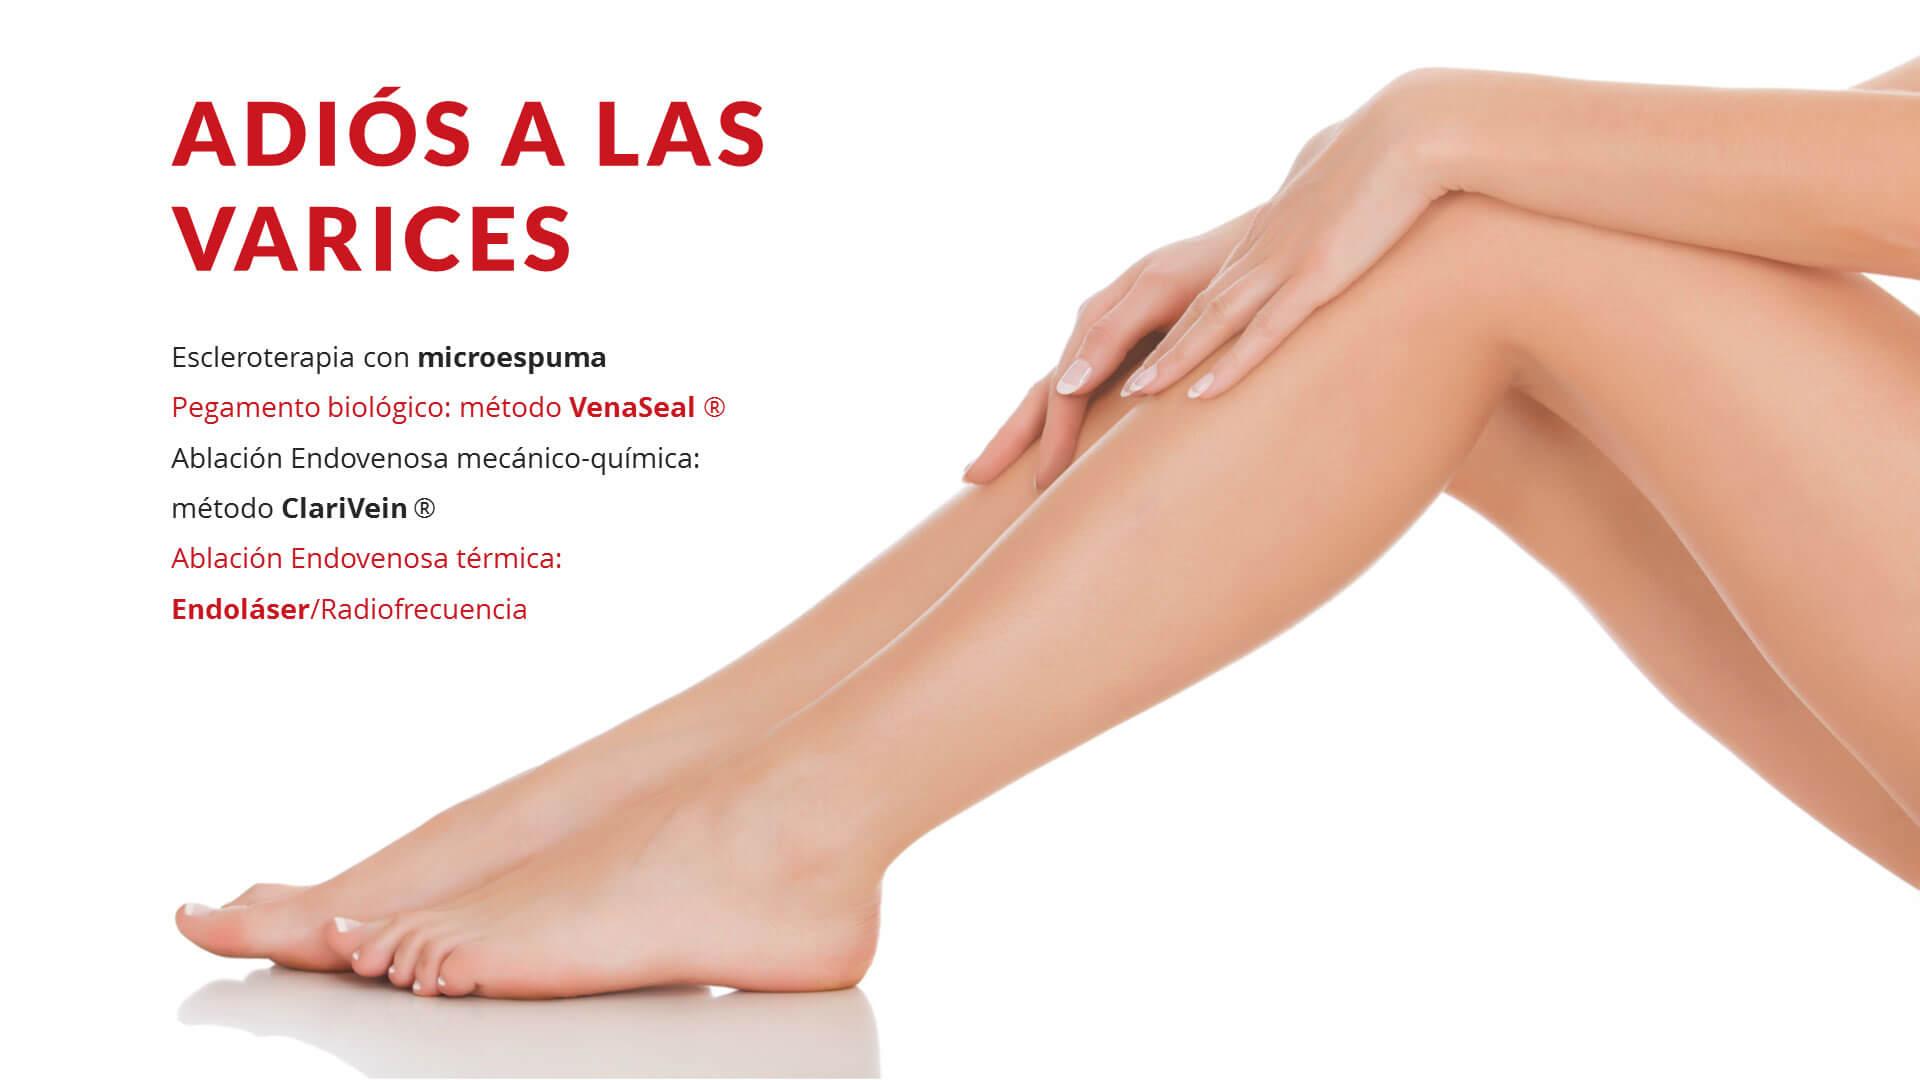 Eliminacion varices sin cirugia Marbella Malaga Cadiz